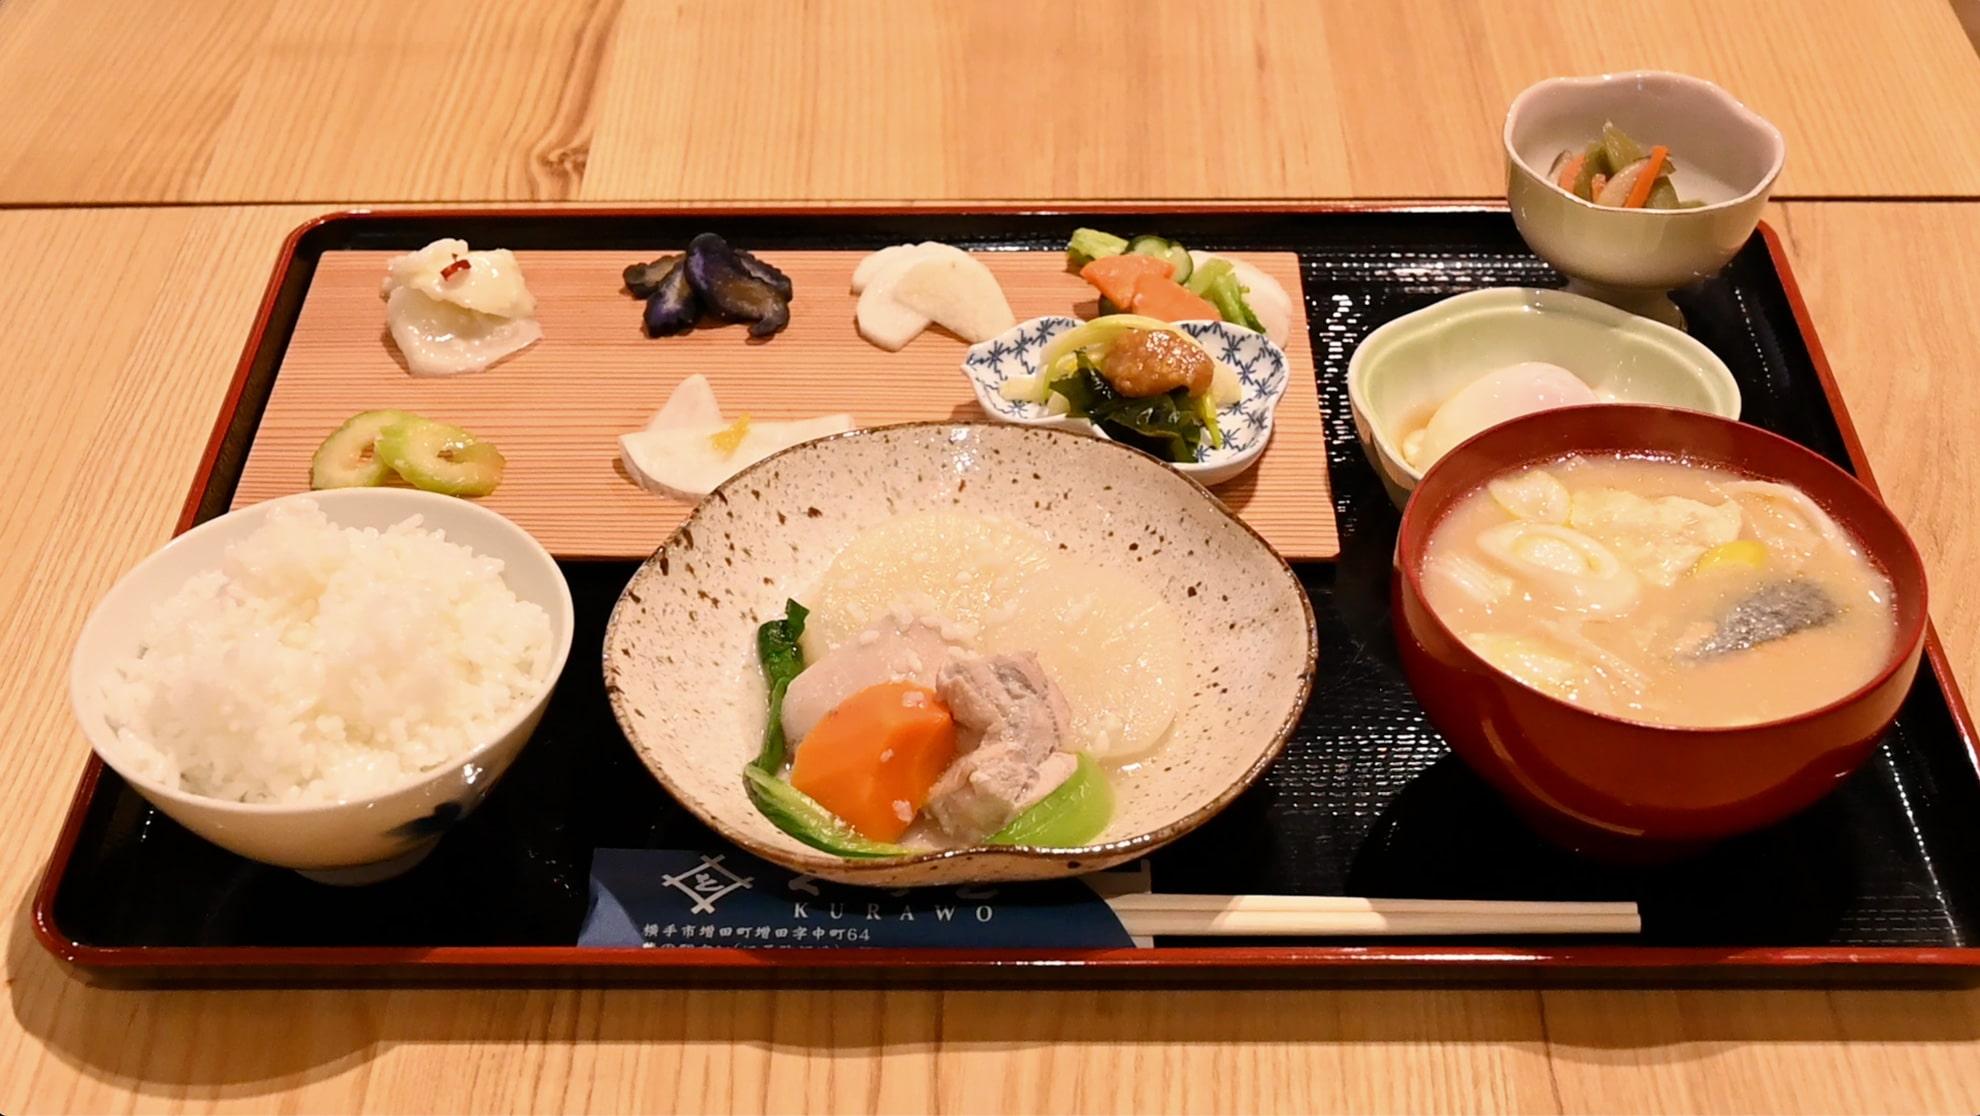 発酵食品のイメージ